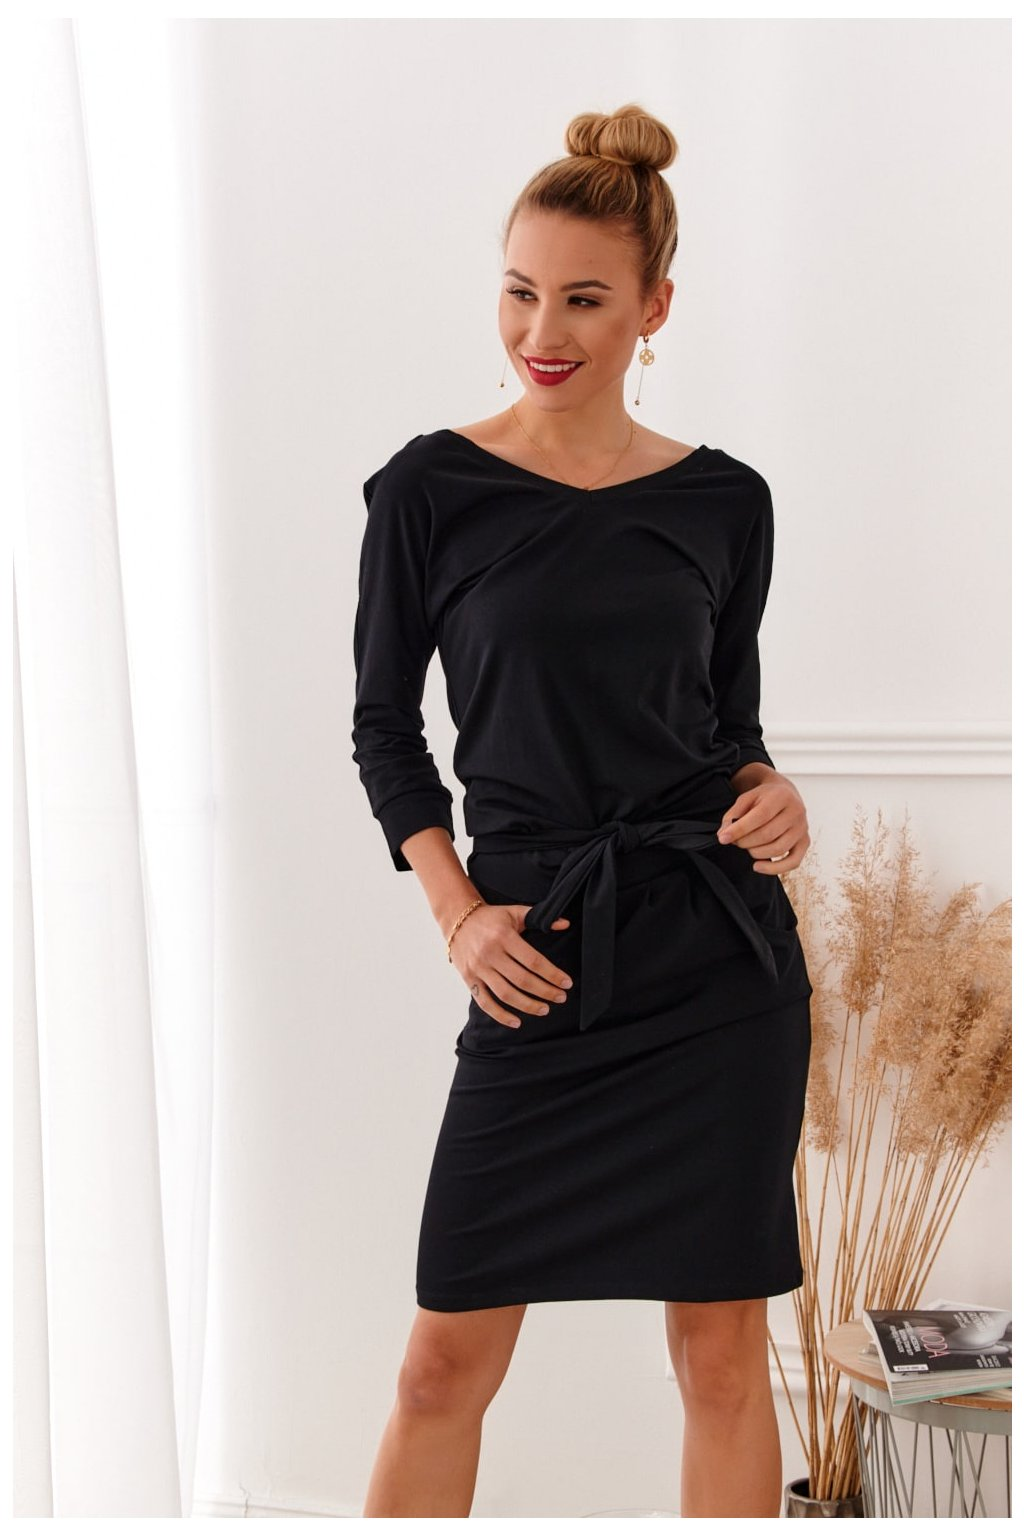 Šaty Fasardi s vázáním v pase - černé